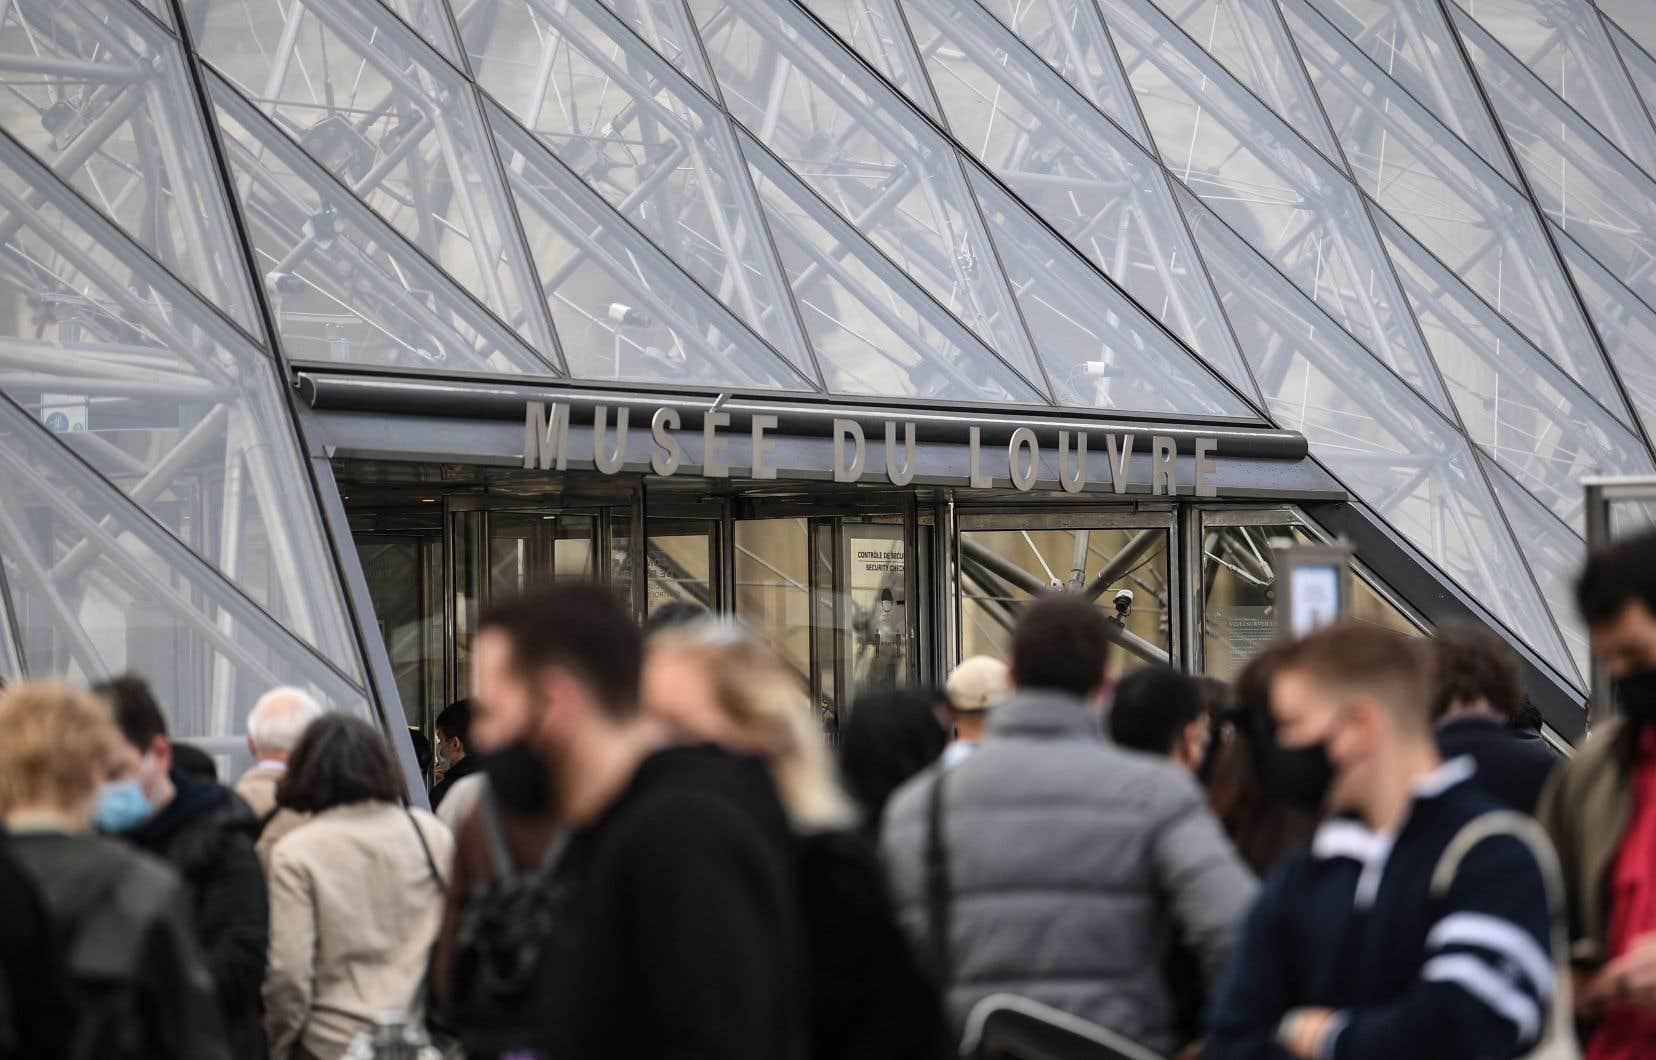 Le port du masque ne sera plus obligatoire pour le public dans les lieux où l'entrée est assujettie au passeport sanitaire comme les musées.